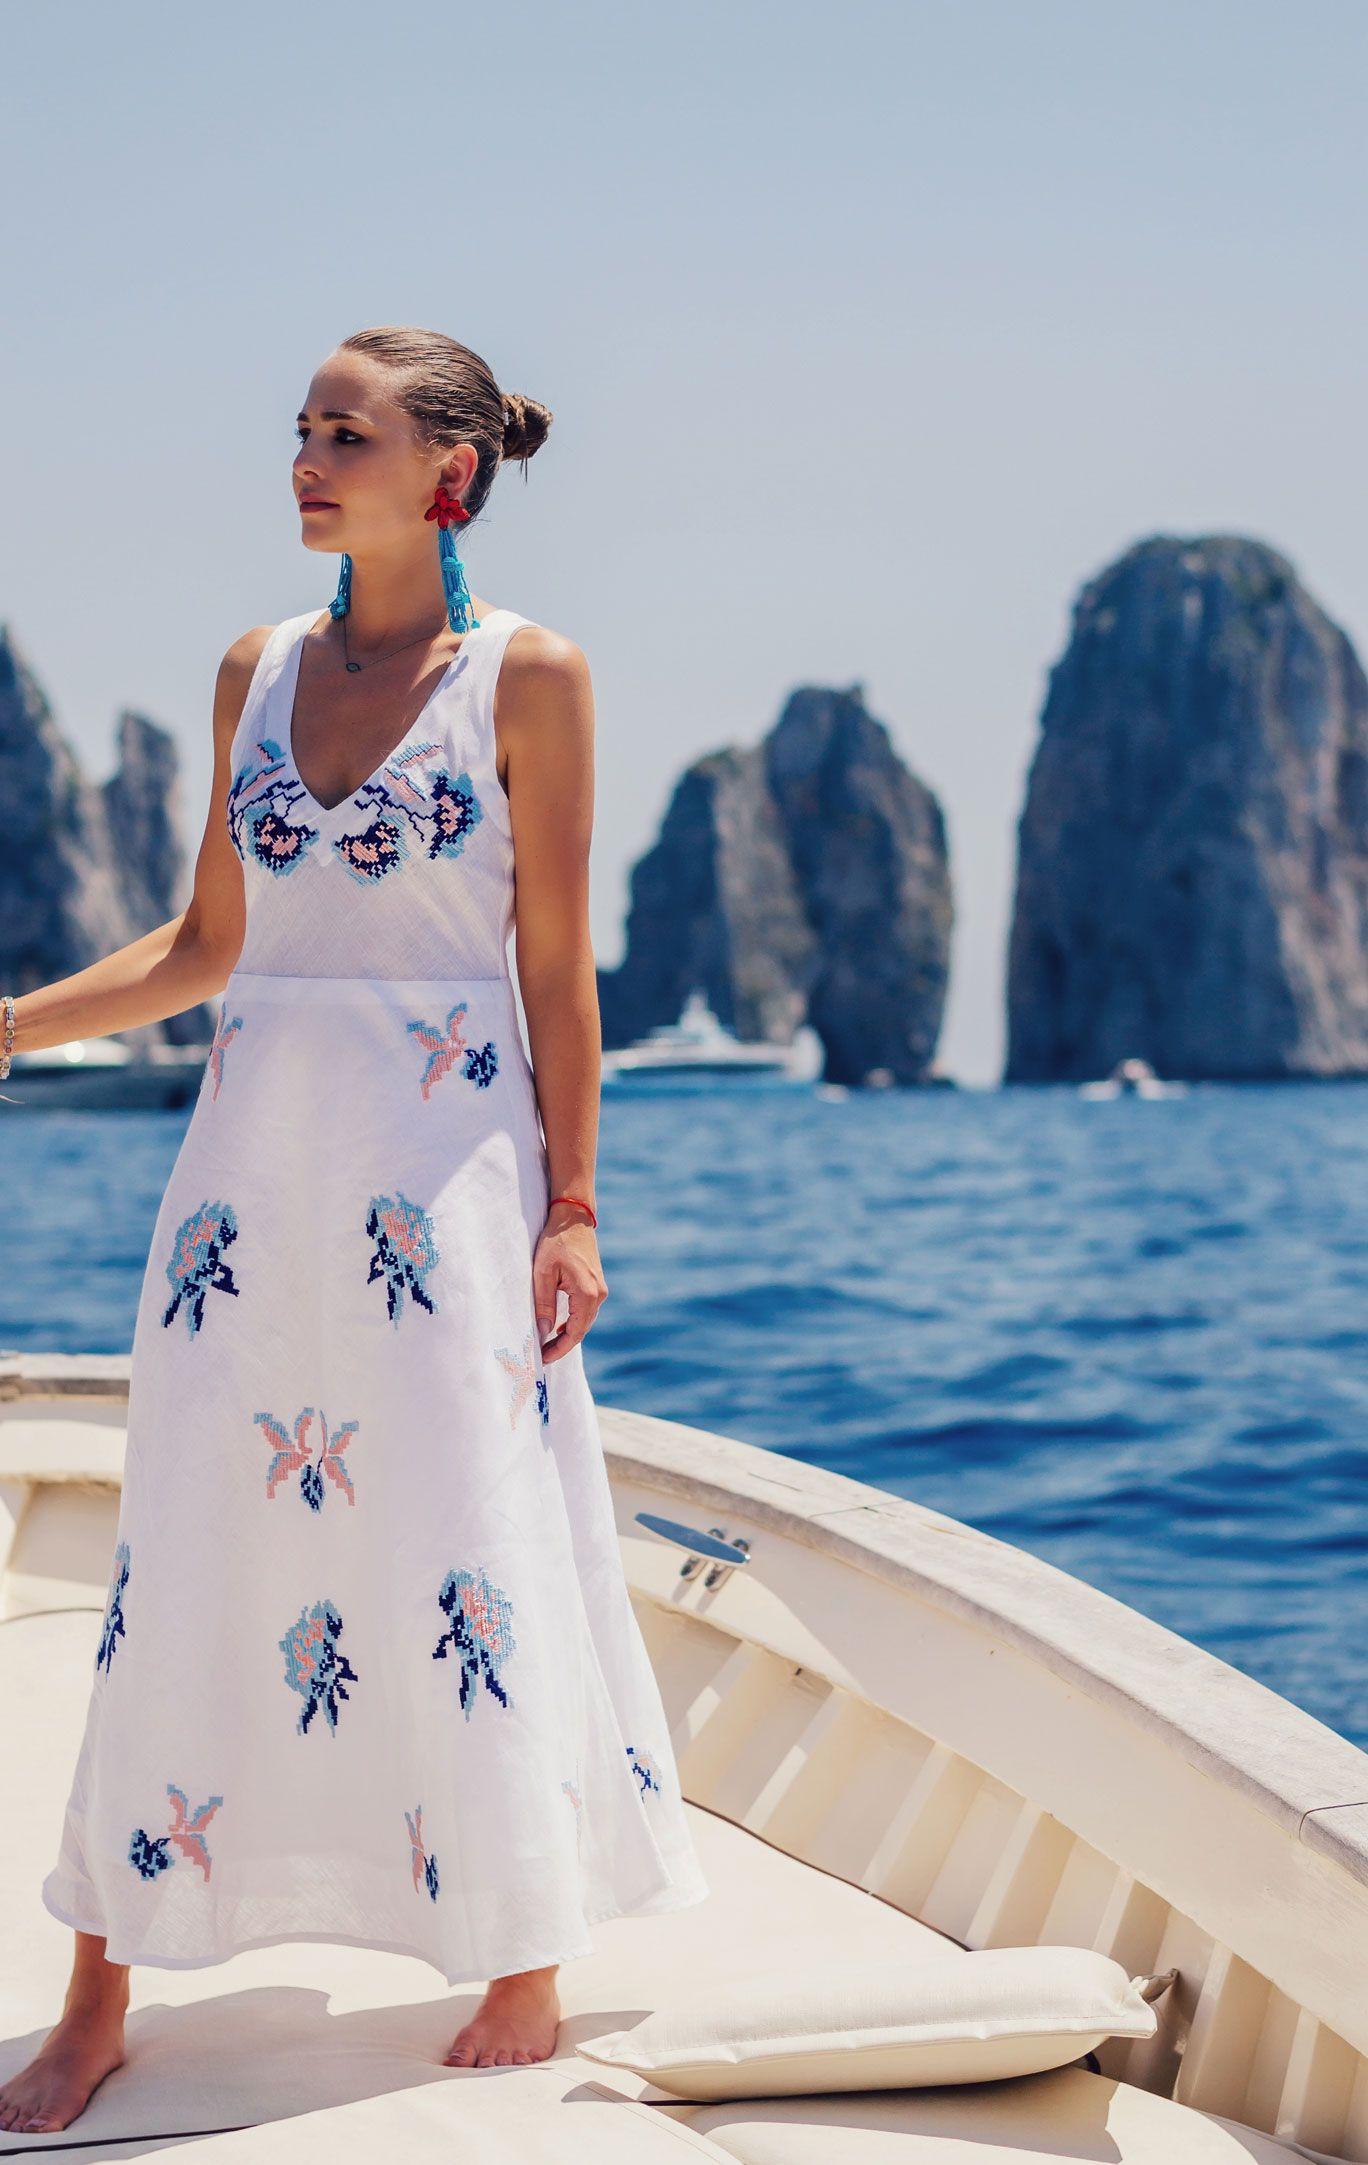 Linen Clothing For Women Bird Of Paradise Resort Casual Summer Wedding Attire Dresses Beach Wedding Guest Dress [ 2165 x 1368 Pixel ]